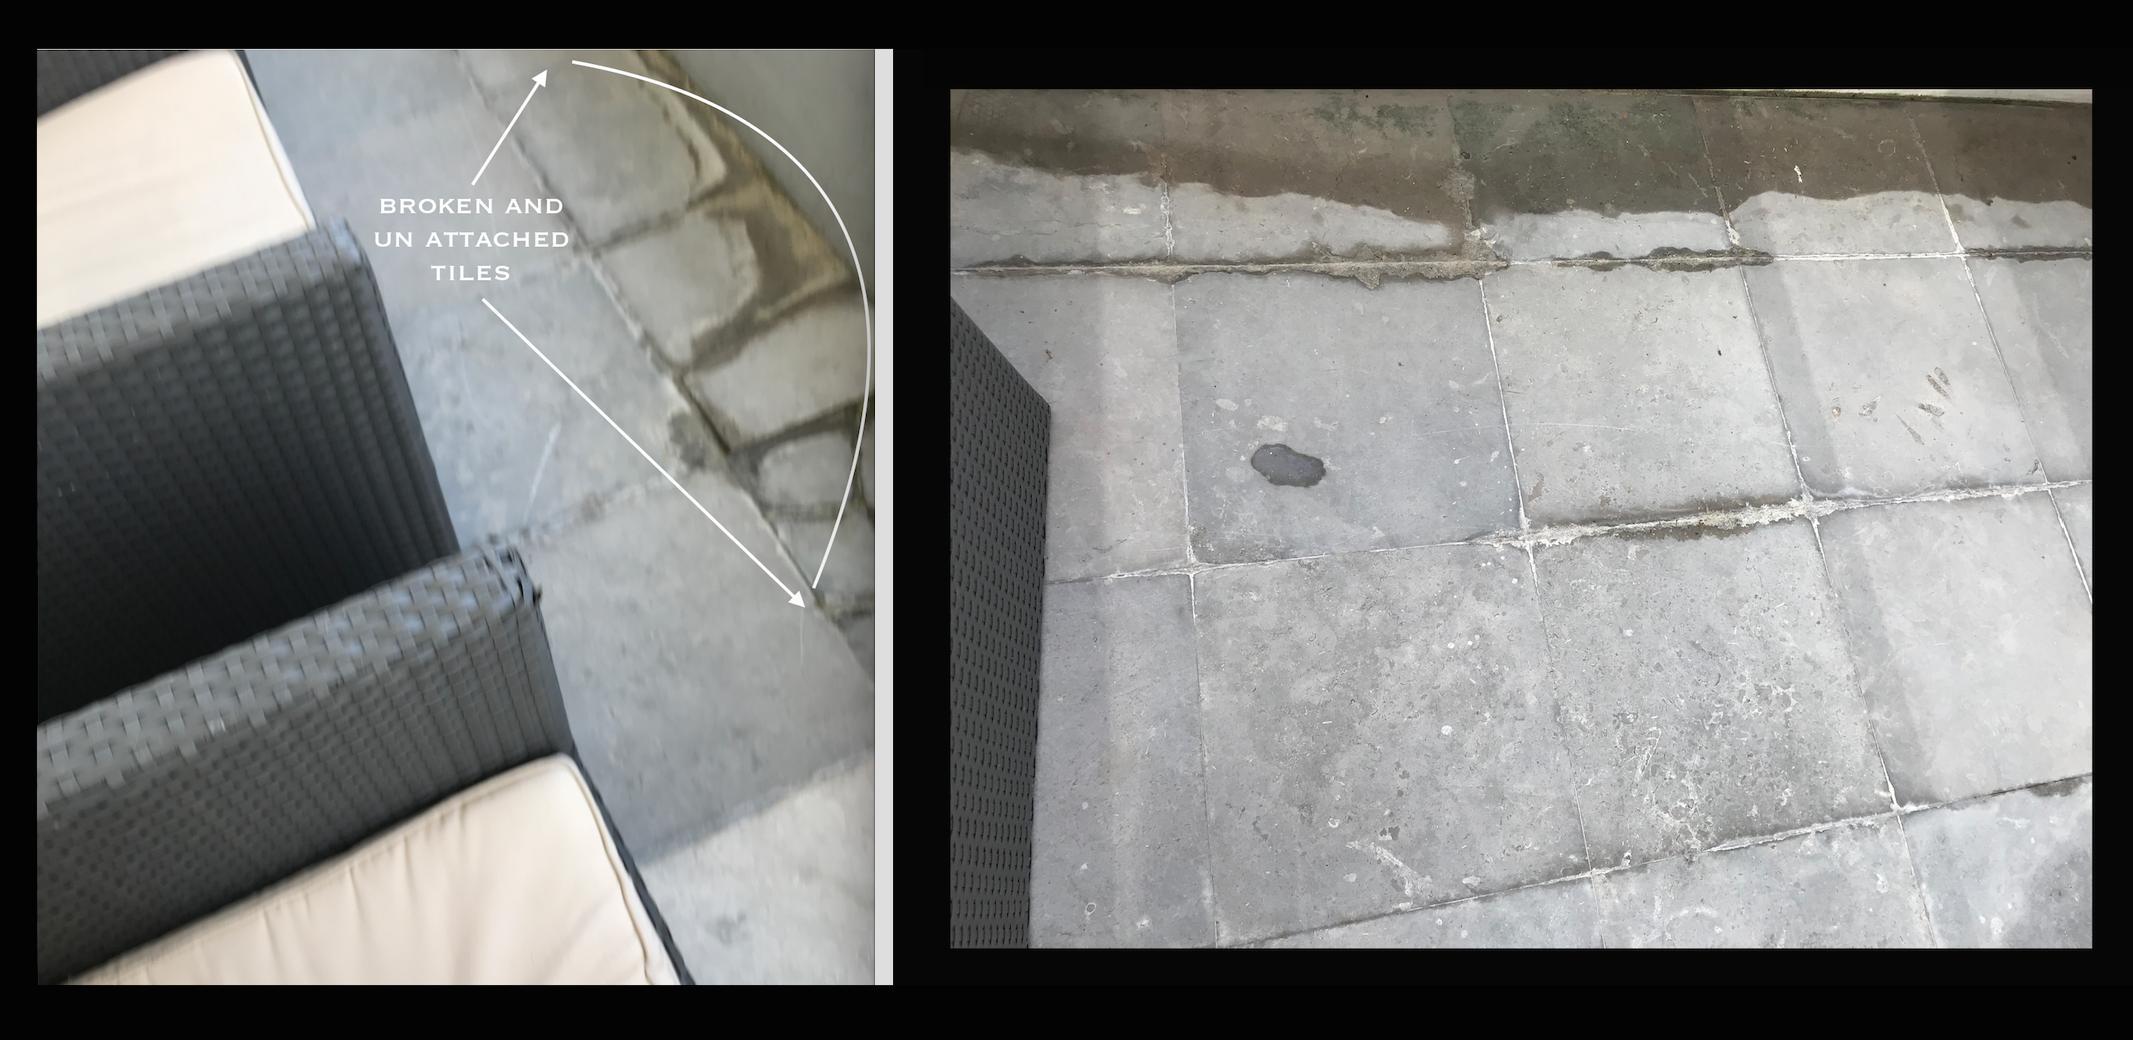 BROKEN dangerous patio tile